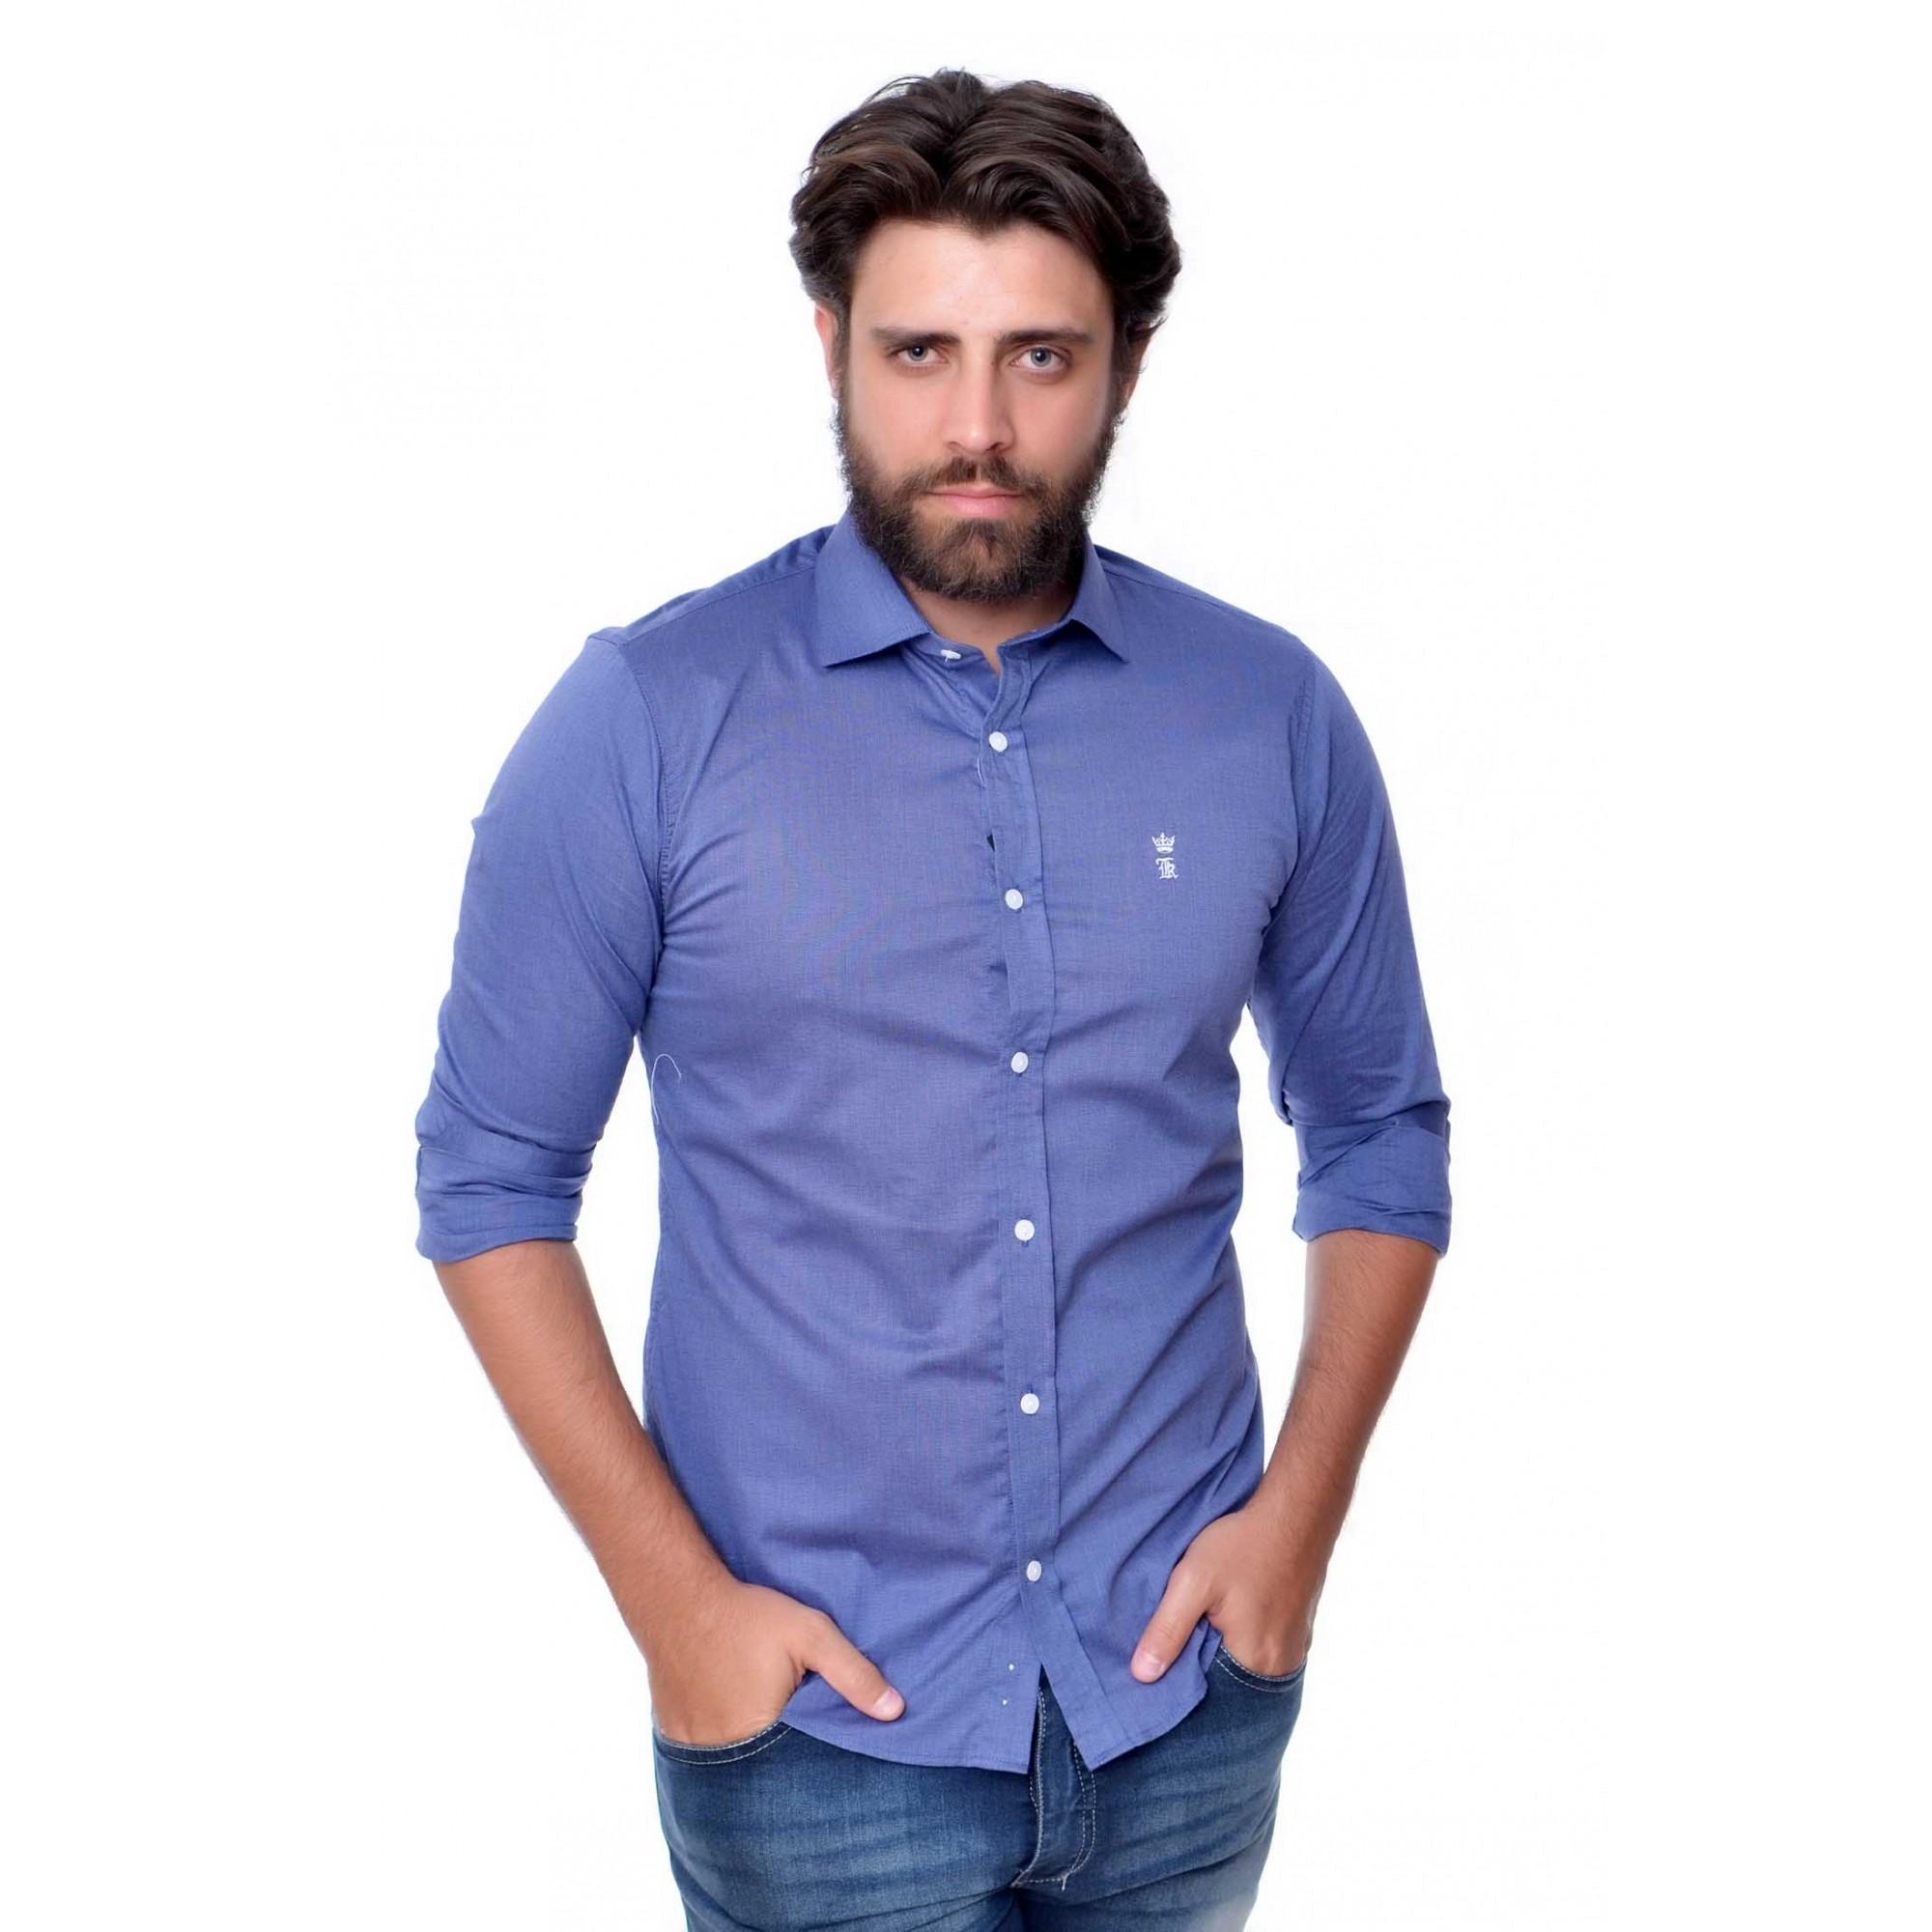 Camisa Social SK Marinho W  - Ca Brasileira